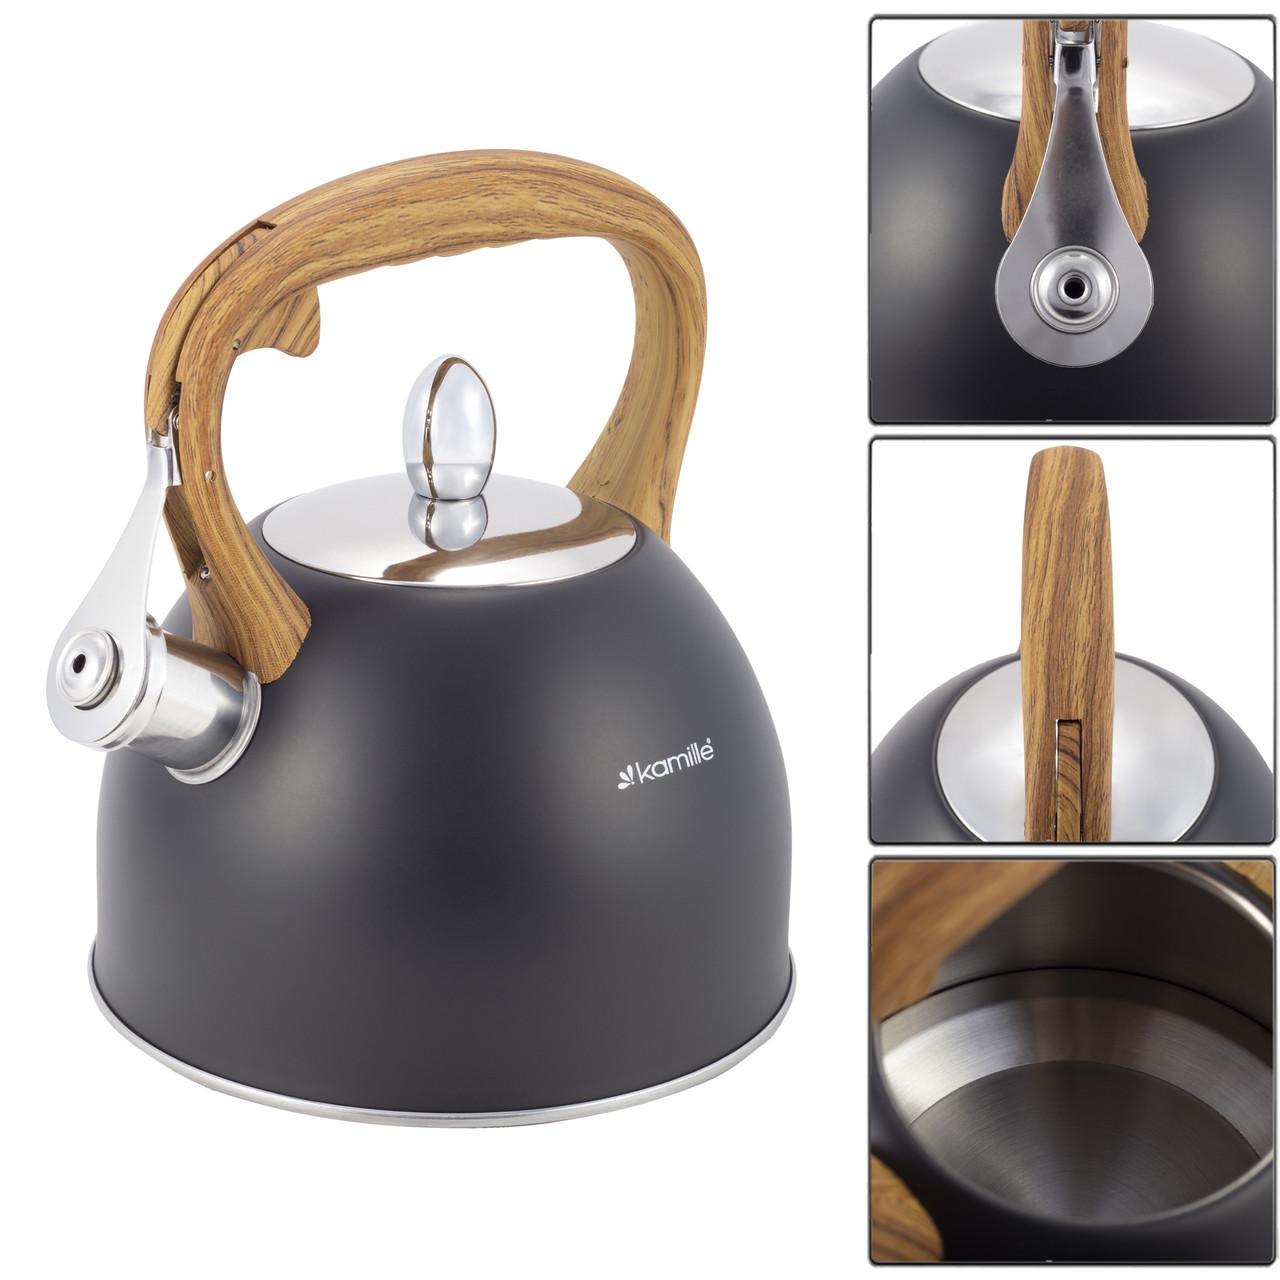 Чайник из нержавеющей стали со свистком для индукции и газа Черный Kamille KM-1096 (2.5 л)